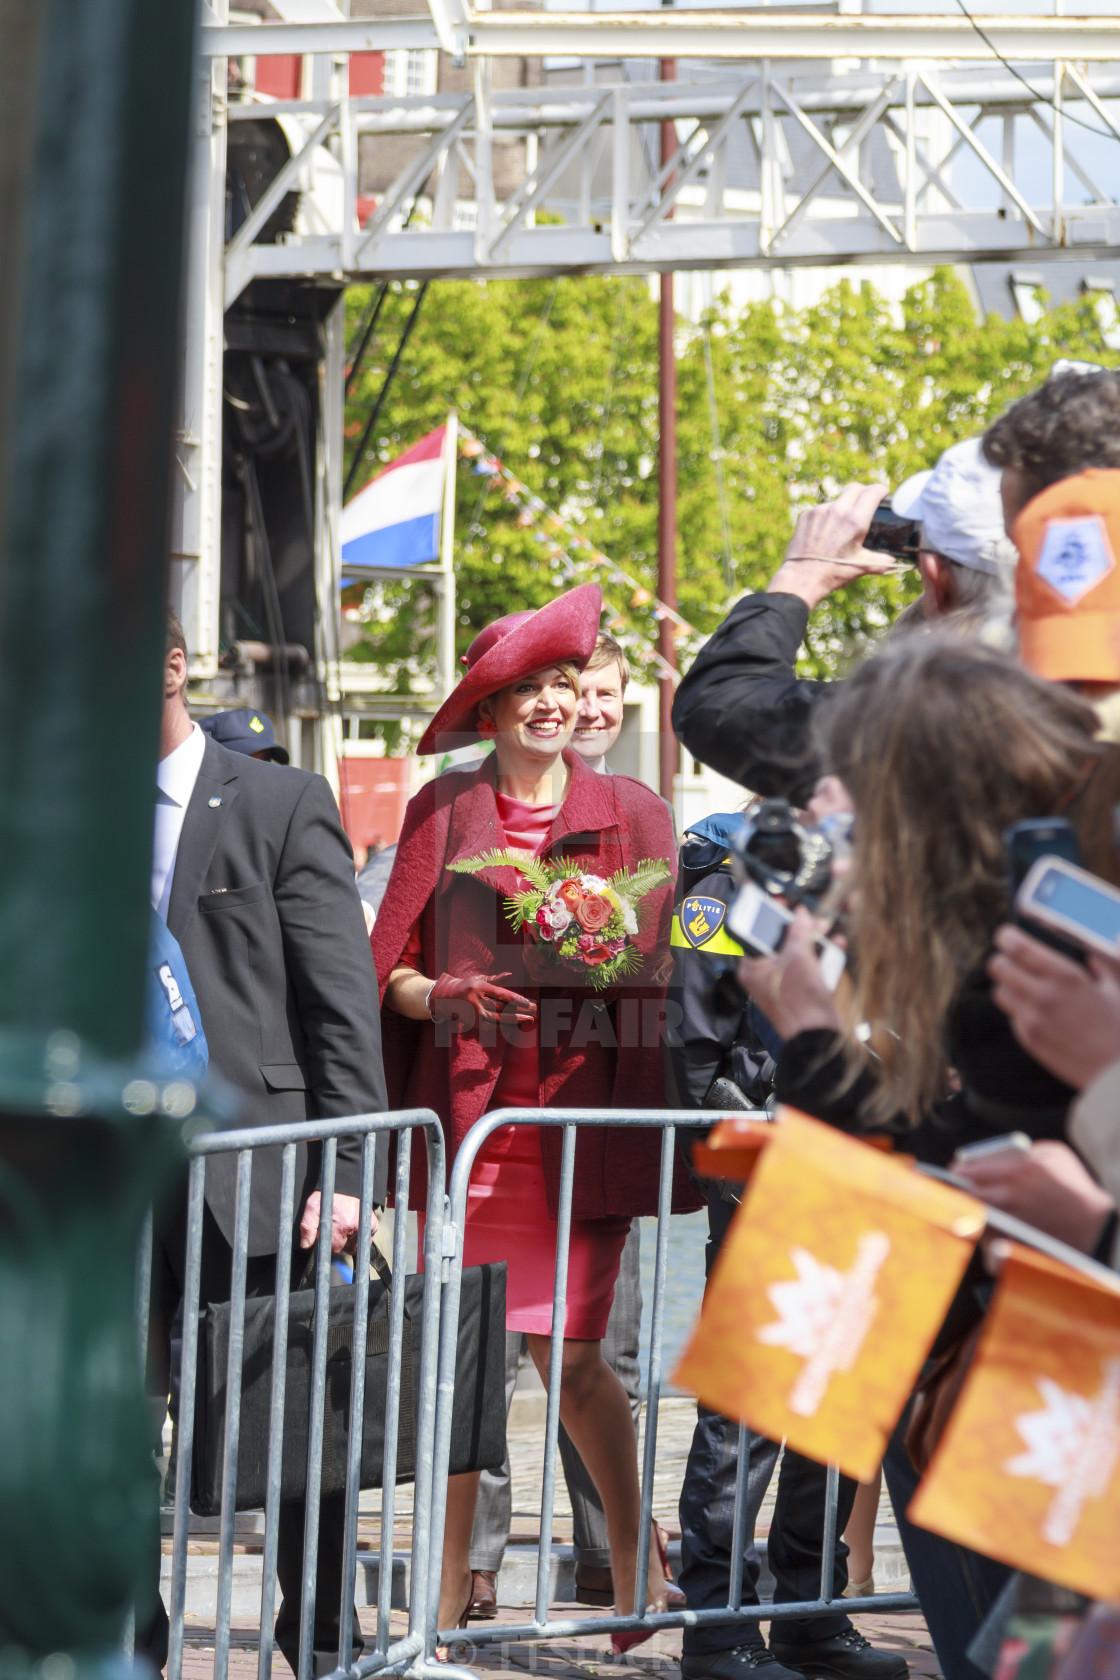 Queen Maxima arriving